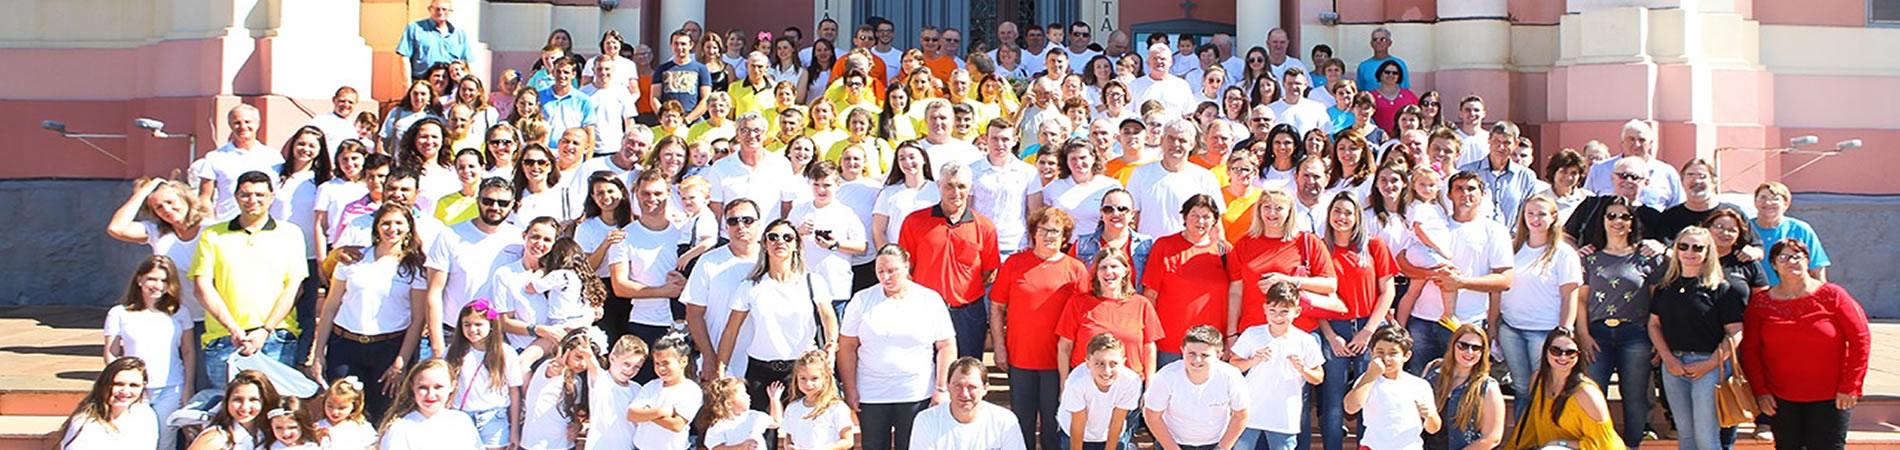 Cerca de 250 pessoas participaram do 2º Encontro da Família Stona